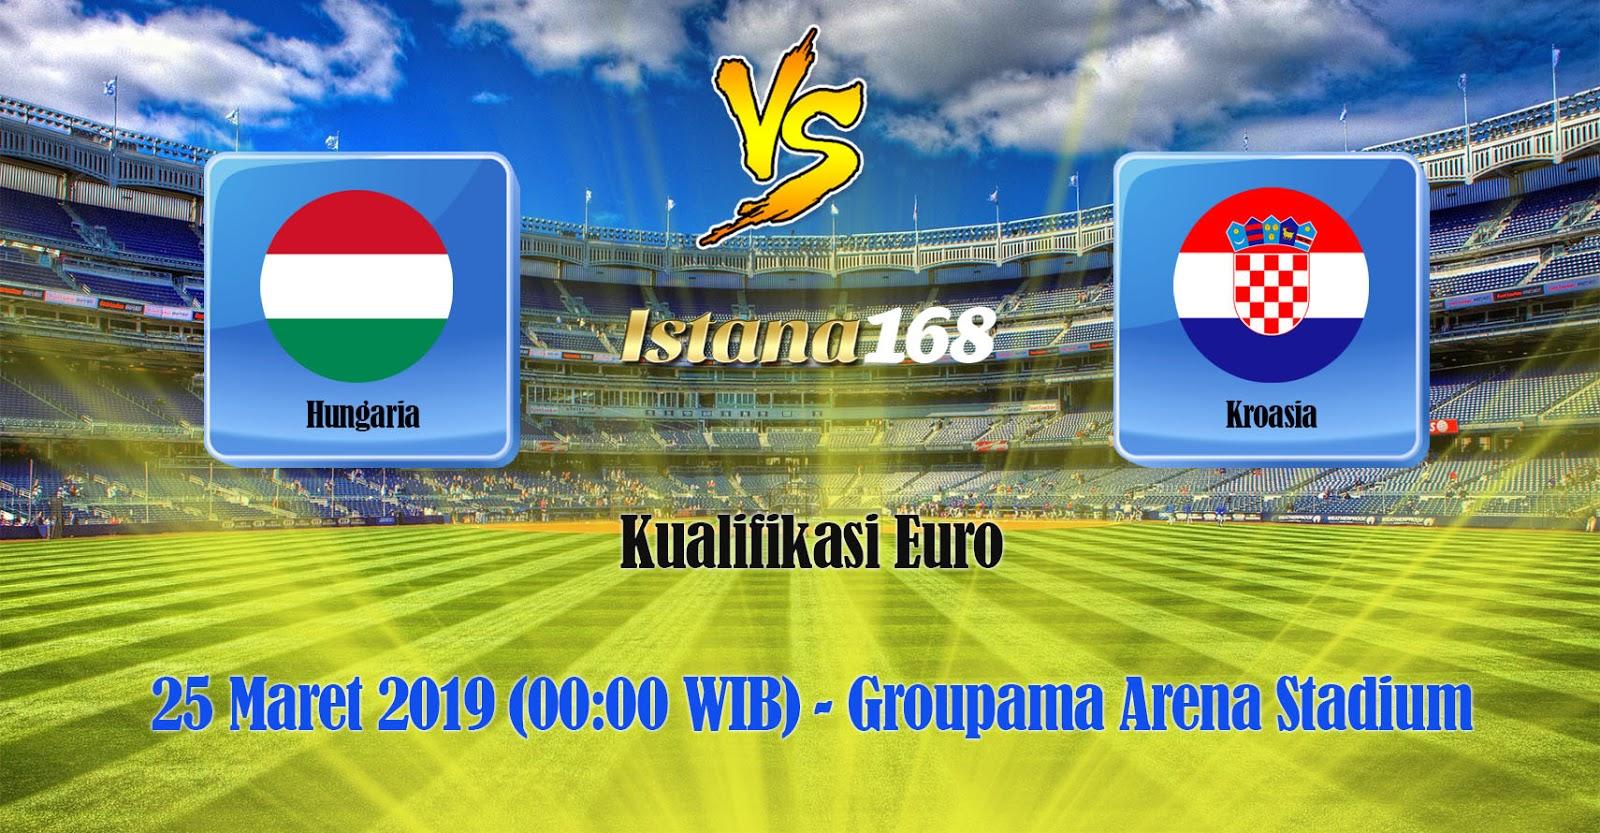 Prediksi Pertandingan Bola Hungaria vs Kroasia 25 Maret